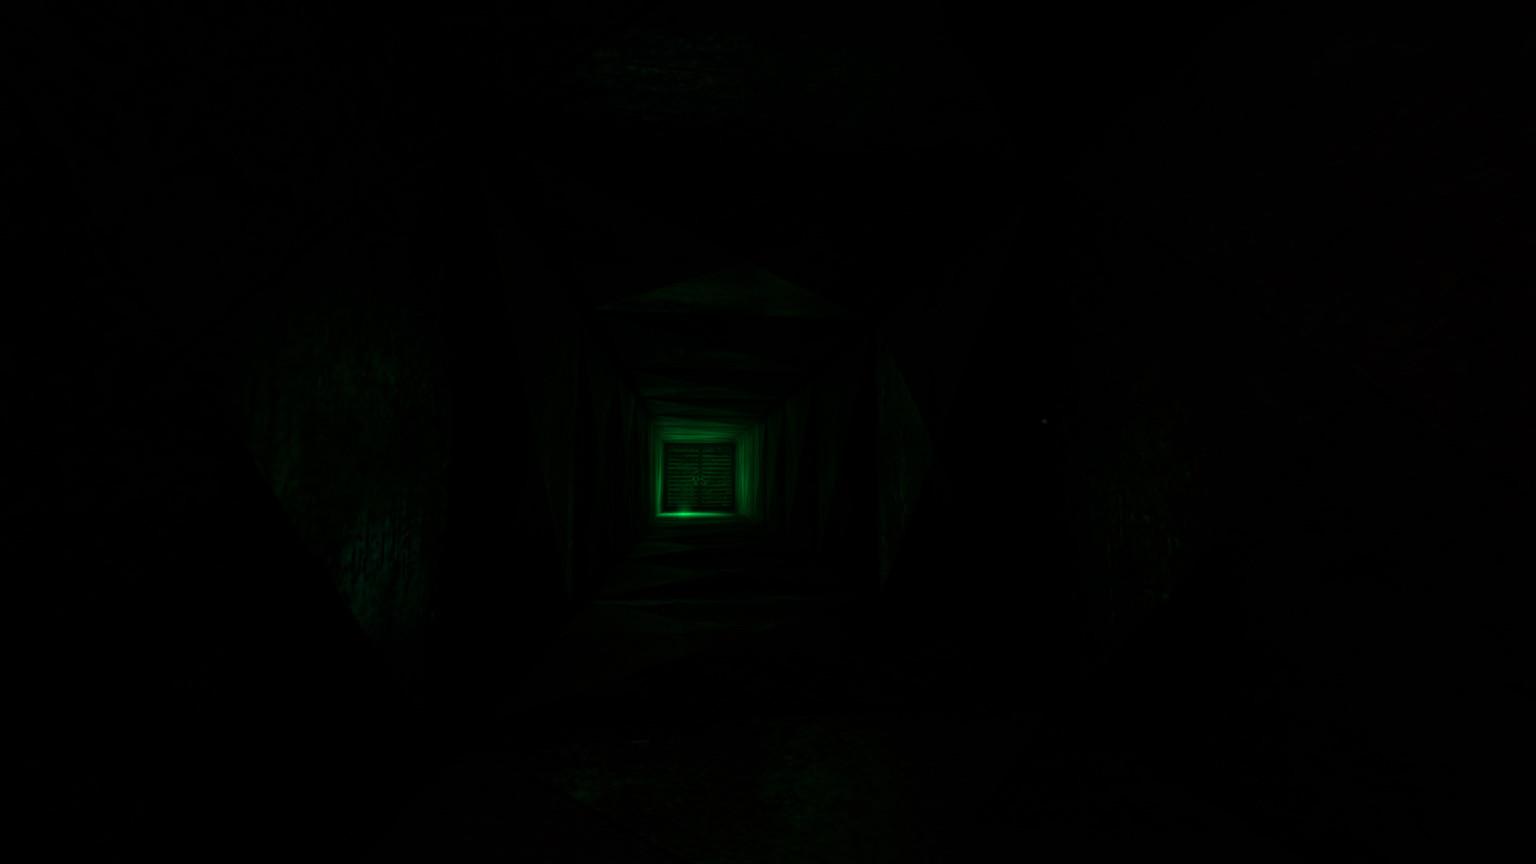 drone_screen_09.jpg.16fdc767c329efb97ffd84bcf69569fa.jpg